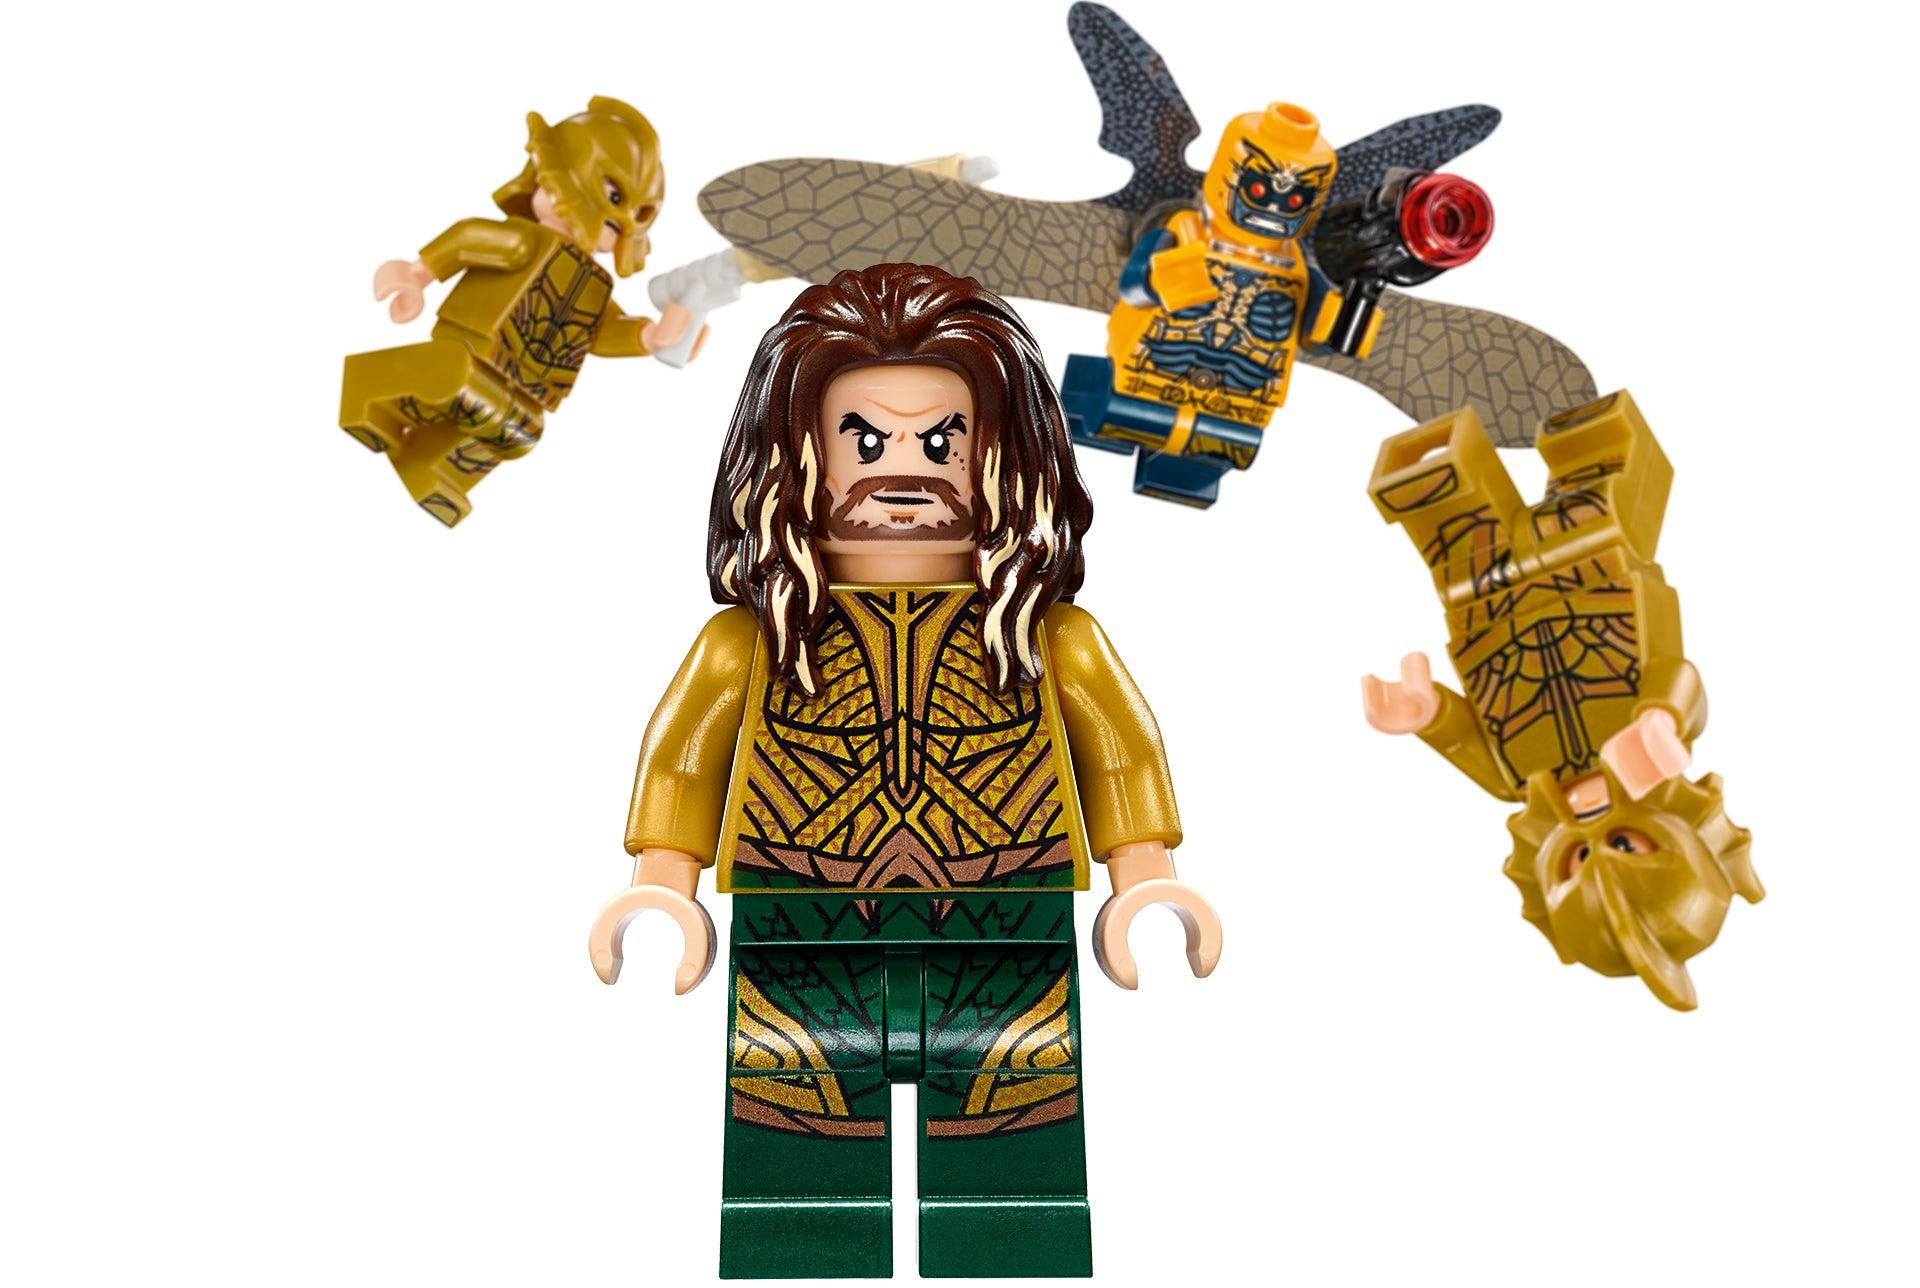 Sets Friendly League Super Movie The Justice Are Lego shtQrdxC